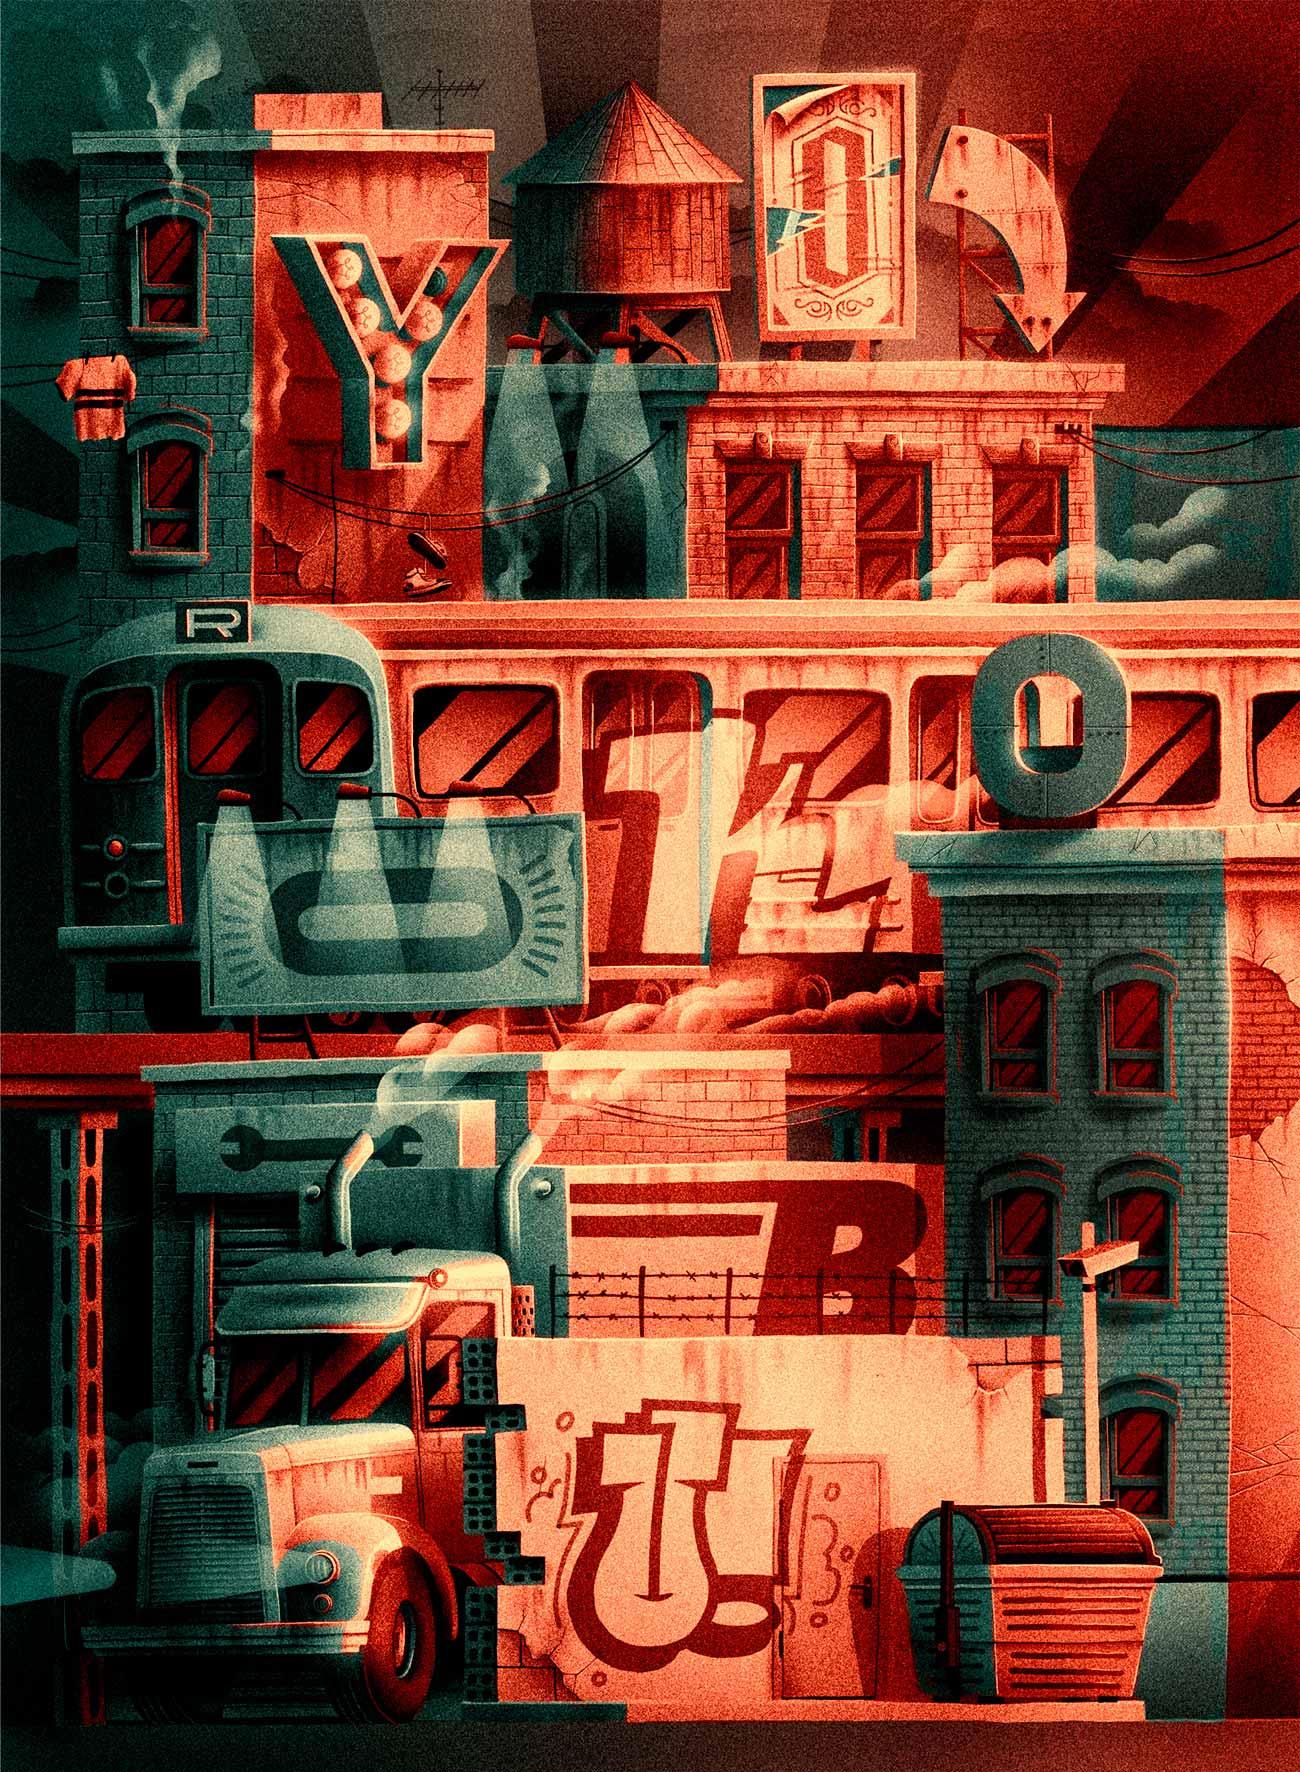 Illustration for Yorokobu magazine by Sr. Reny